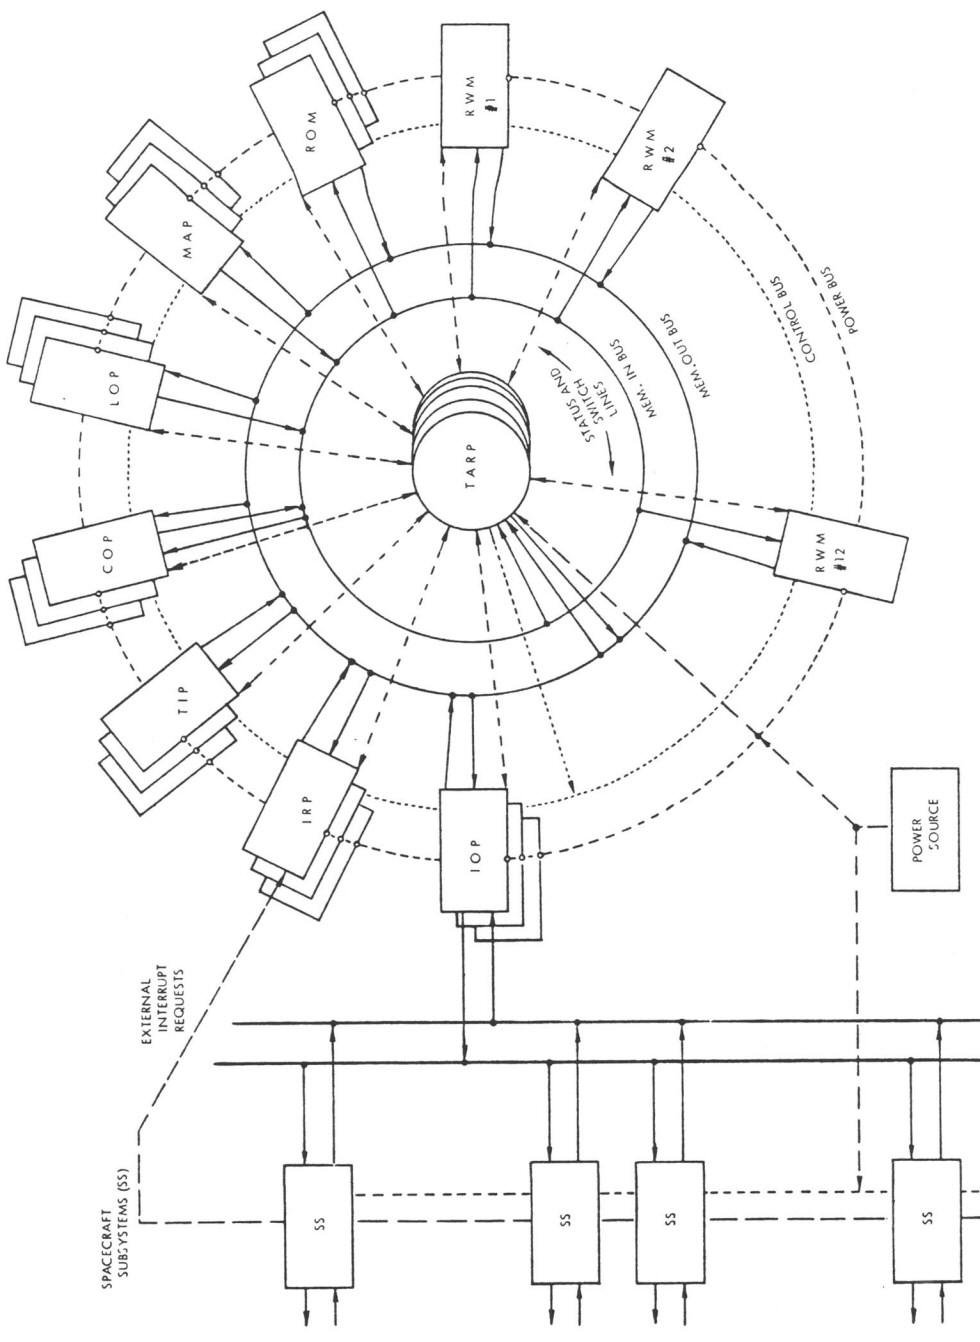 A star számítógép felépítése